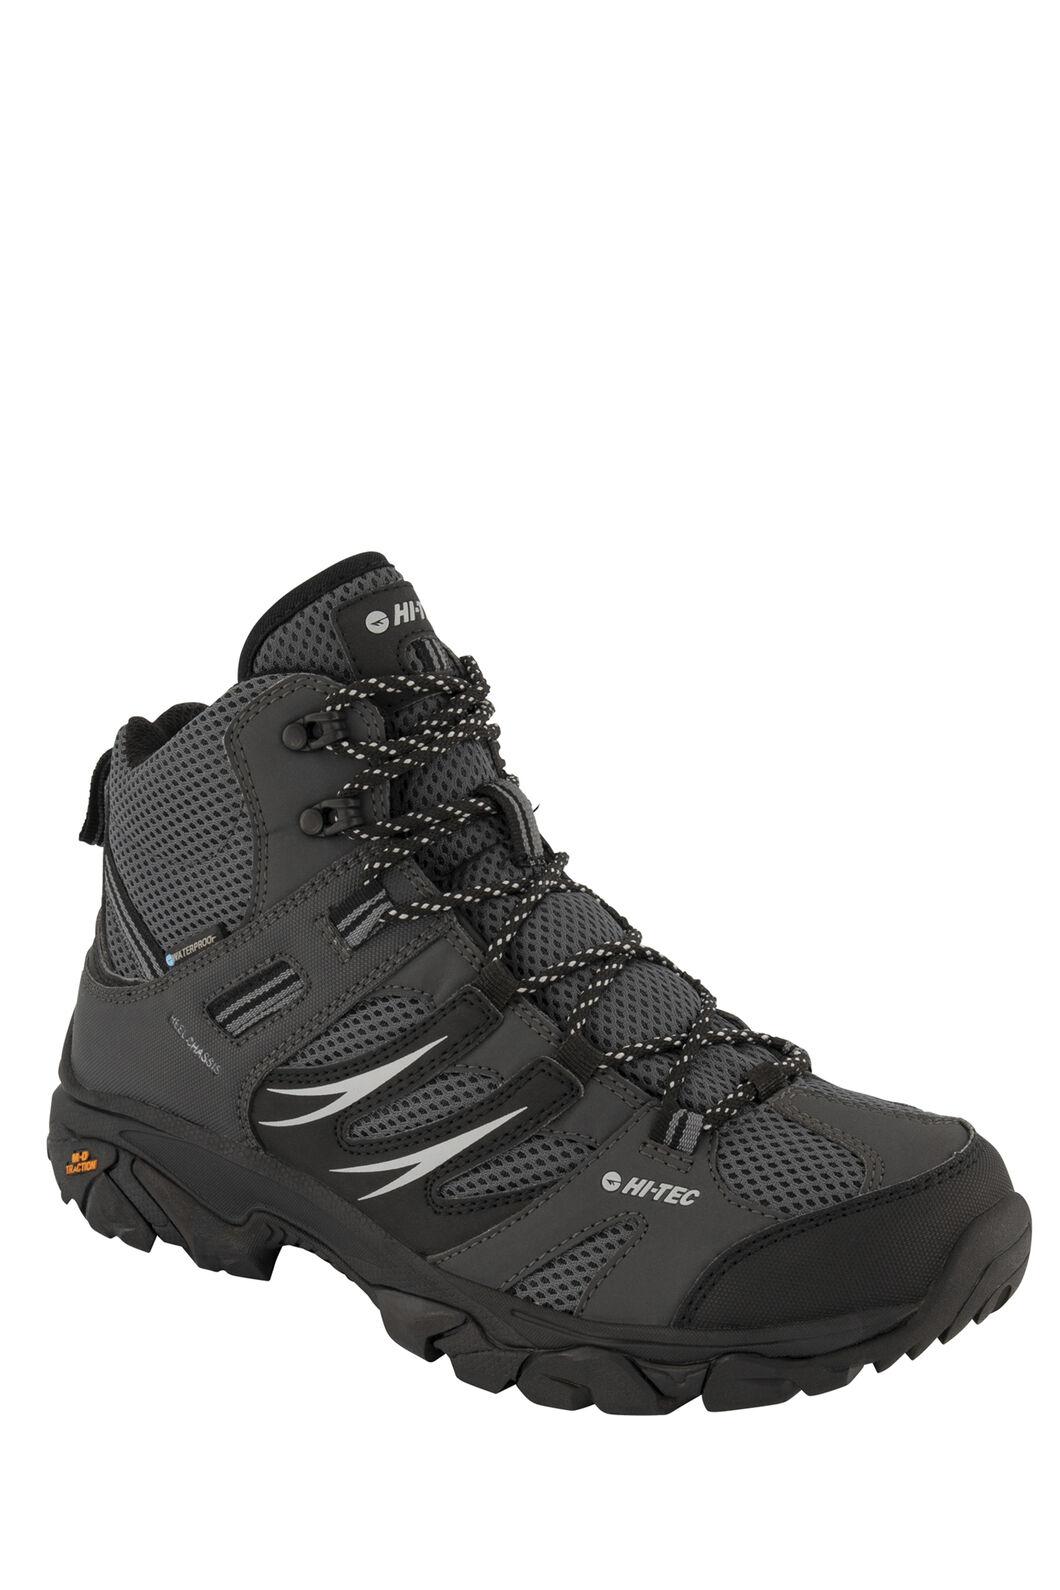 Hi-Tec Tarantula WP Mid Hiking Shoes — Men's, Charcoal/Black Steel Grey, hi-res